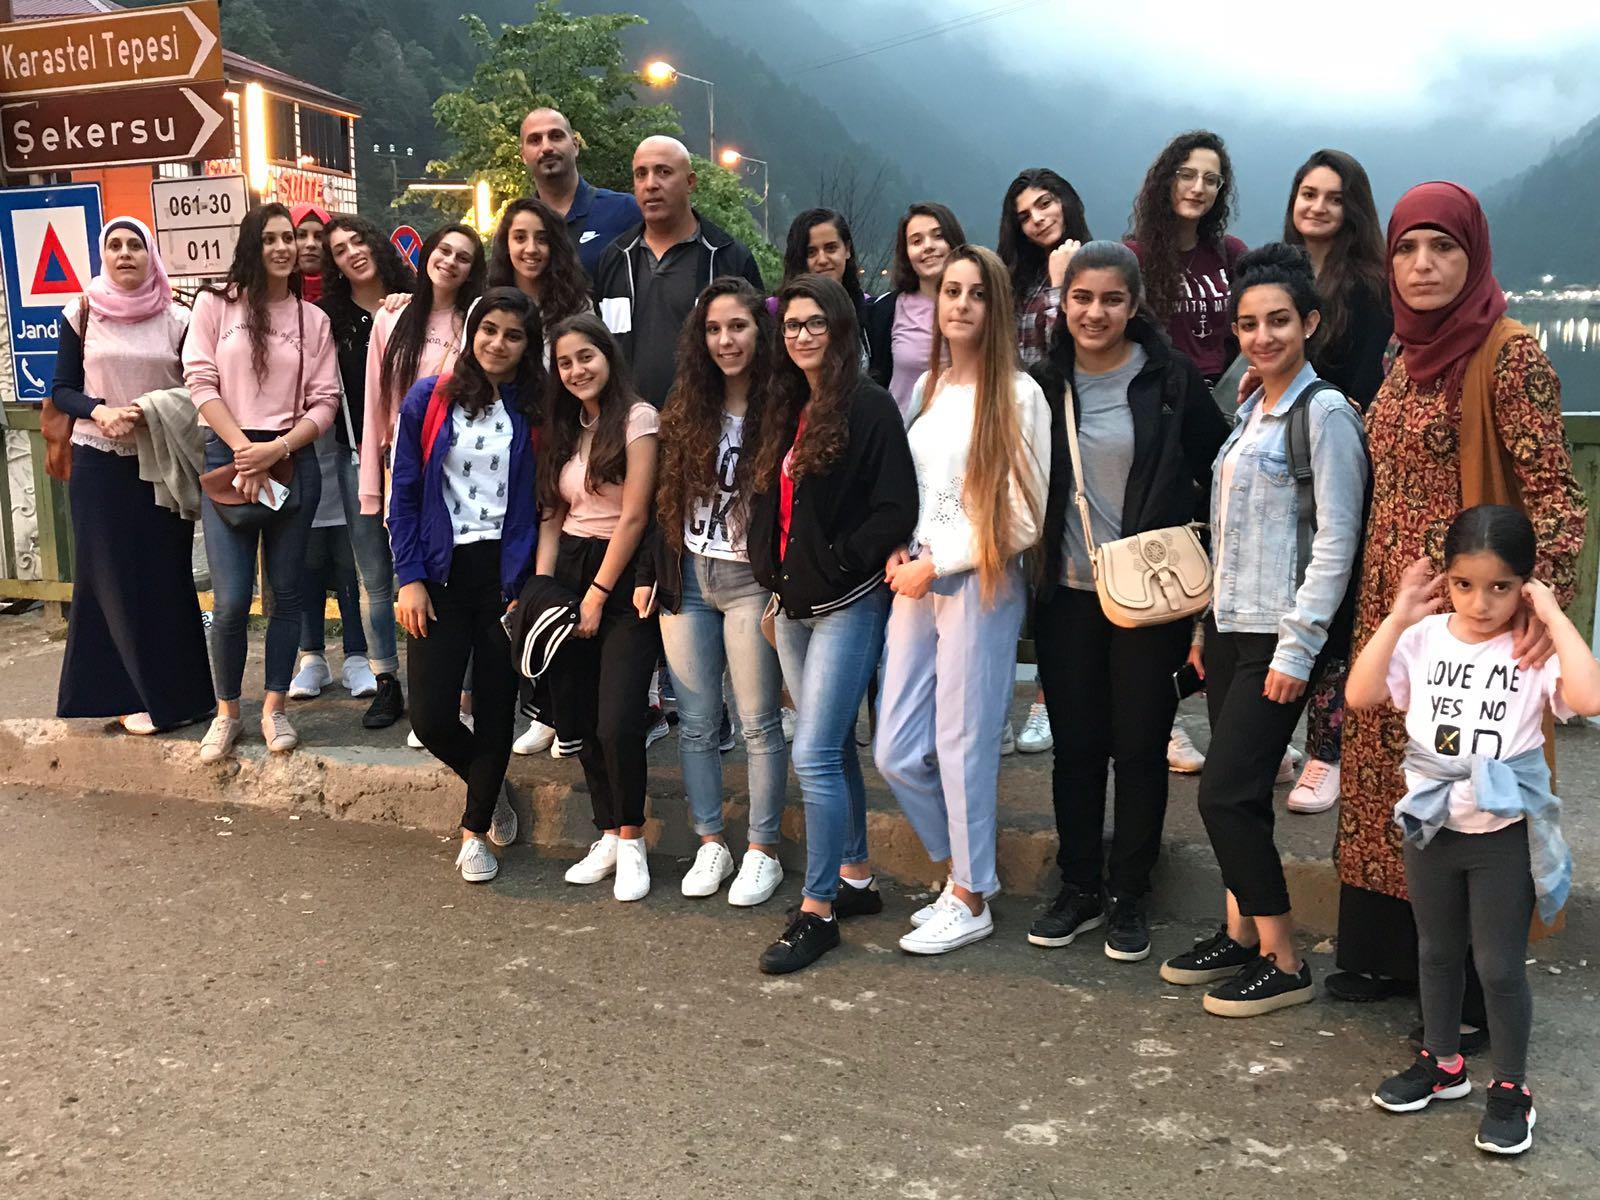 معسكر تدريبي يقام في مدينة طرابزون بالشمال التركي لفريق فتيات كوكب